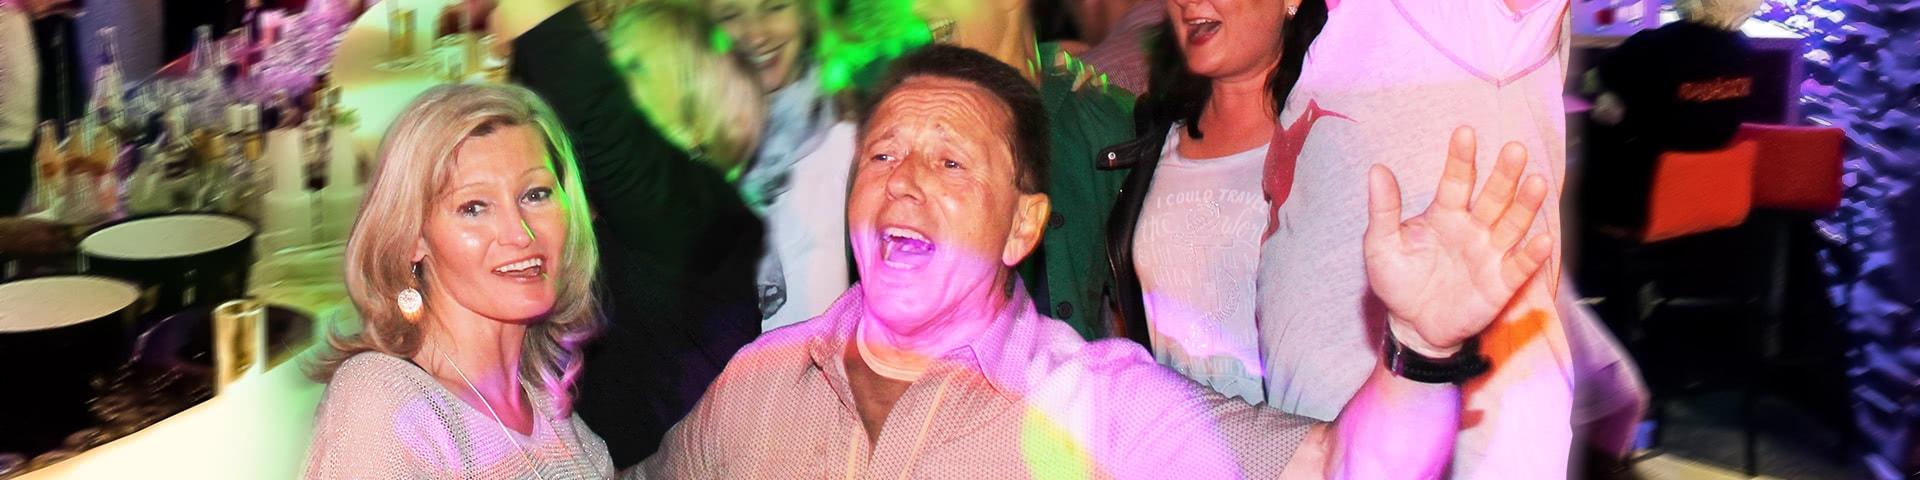 Tanzende Menschen machen Party in Attendorn